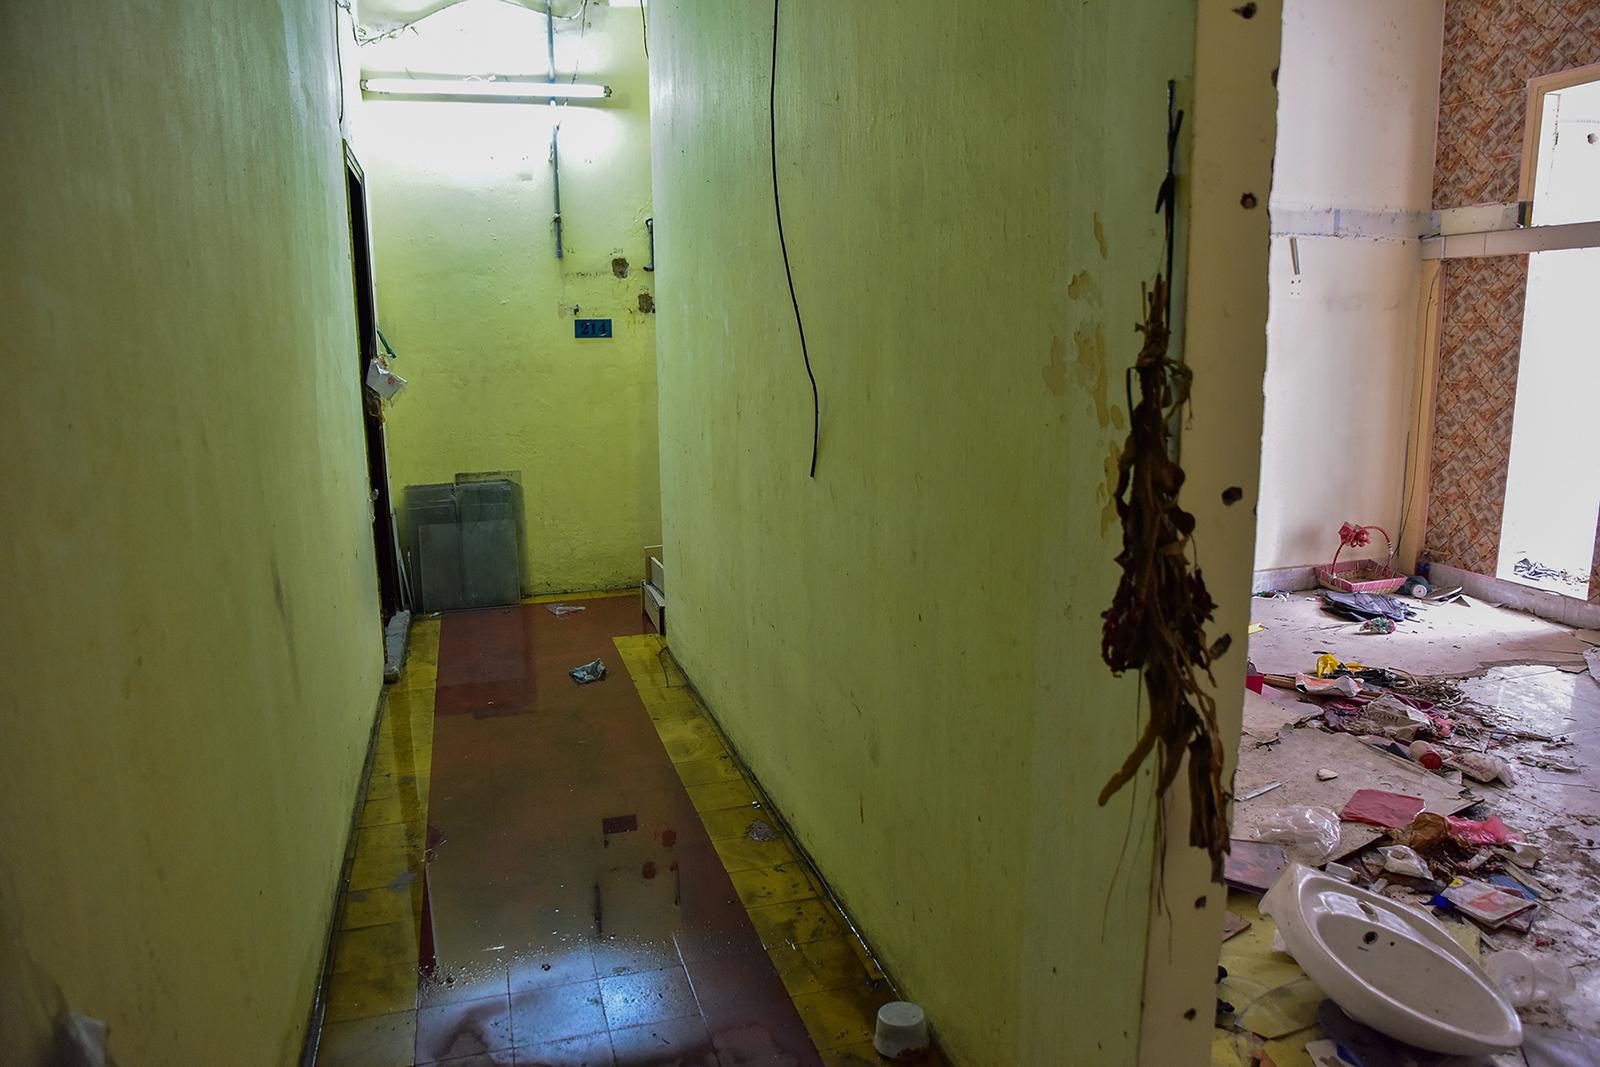 Ớn lạnh cảnh rác ngập ngụa trong các căn hộ chung cư ở phố Tây Sài Gòn - 13